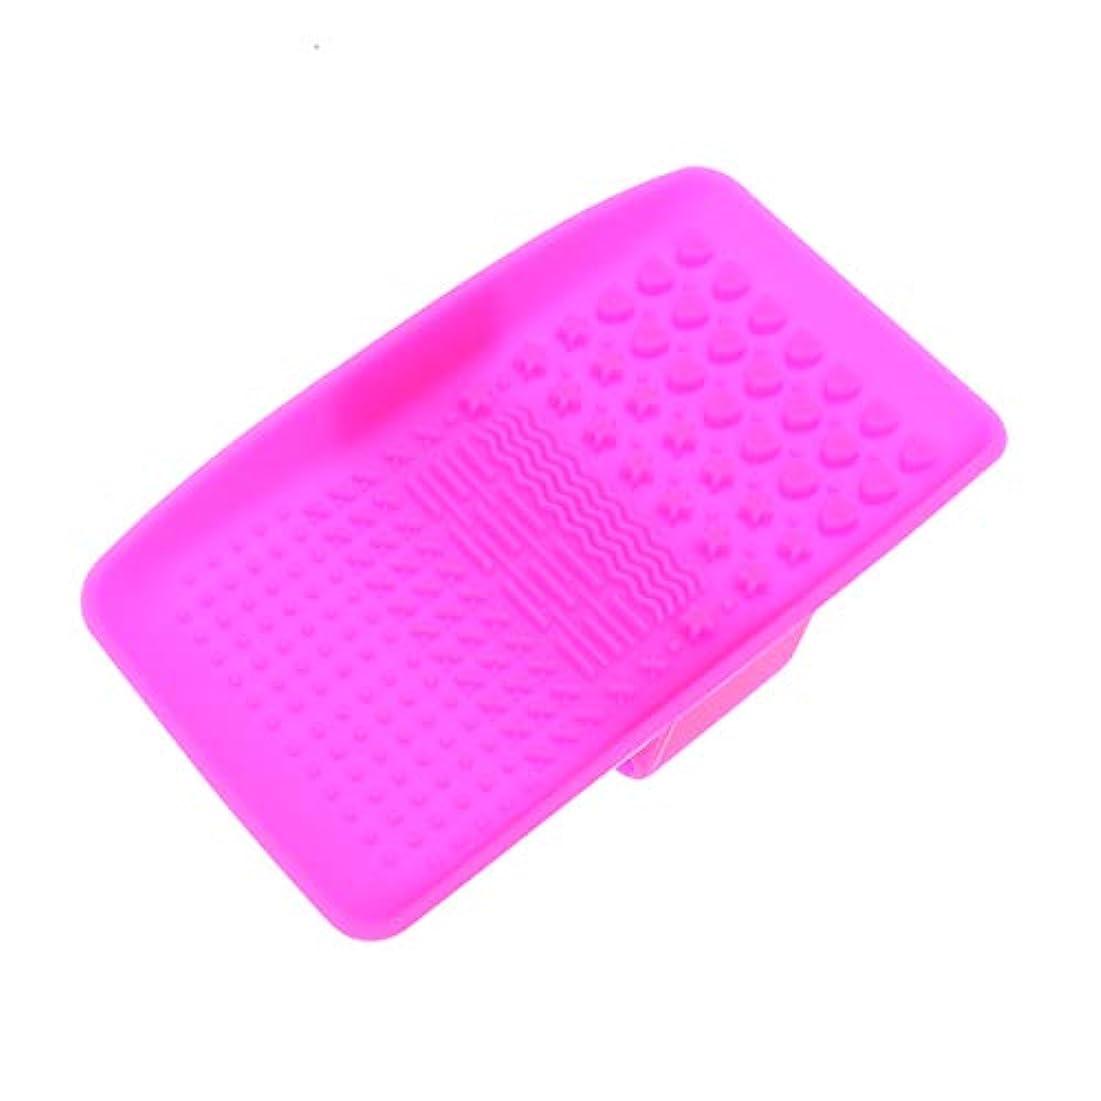 興奮保護する伝えるBeaupretty 吸引ブラシが付いているシリコーンのブラシのクリーニングのマットの携帯用化粧品のブラシの洗剤